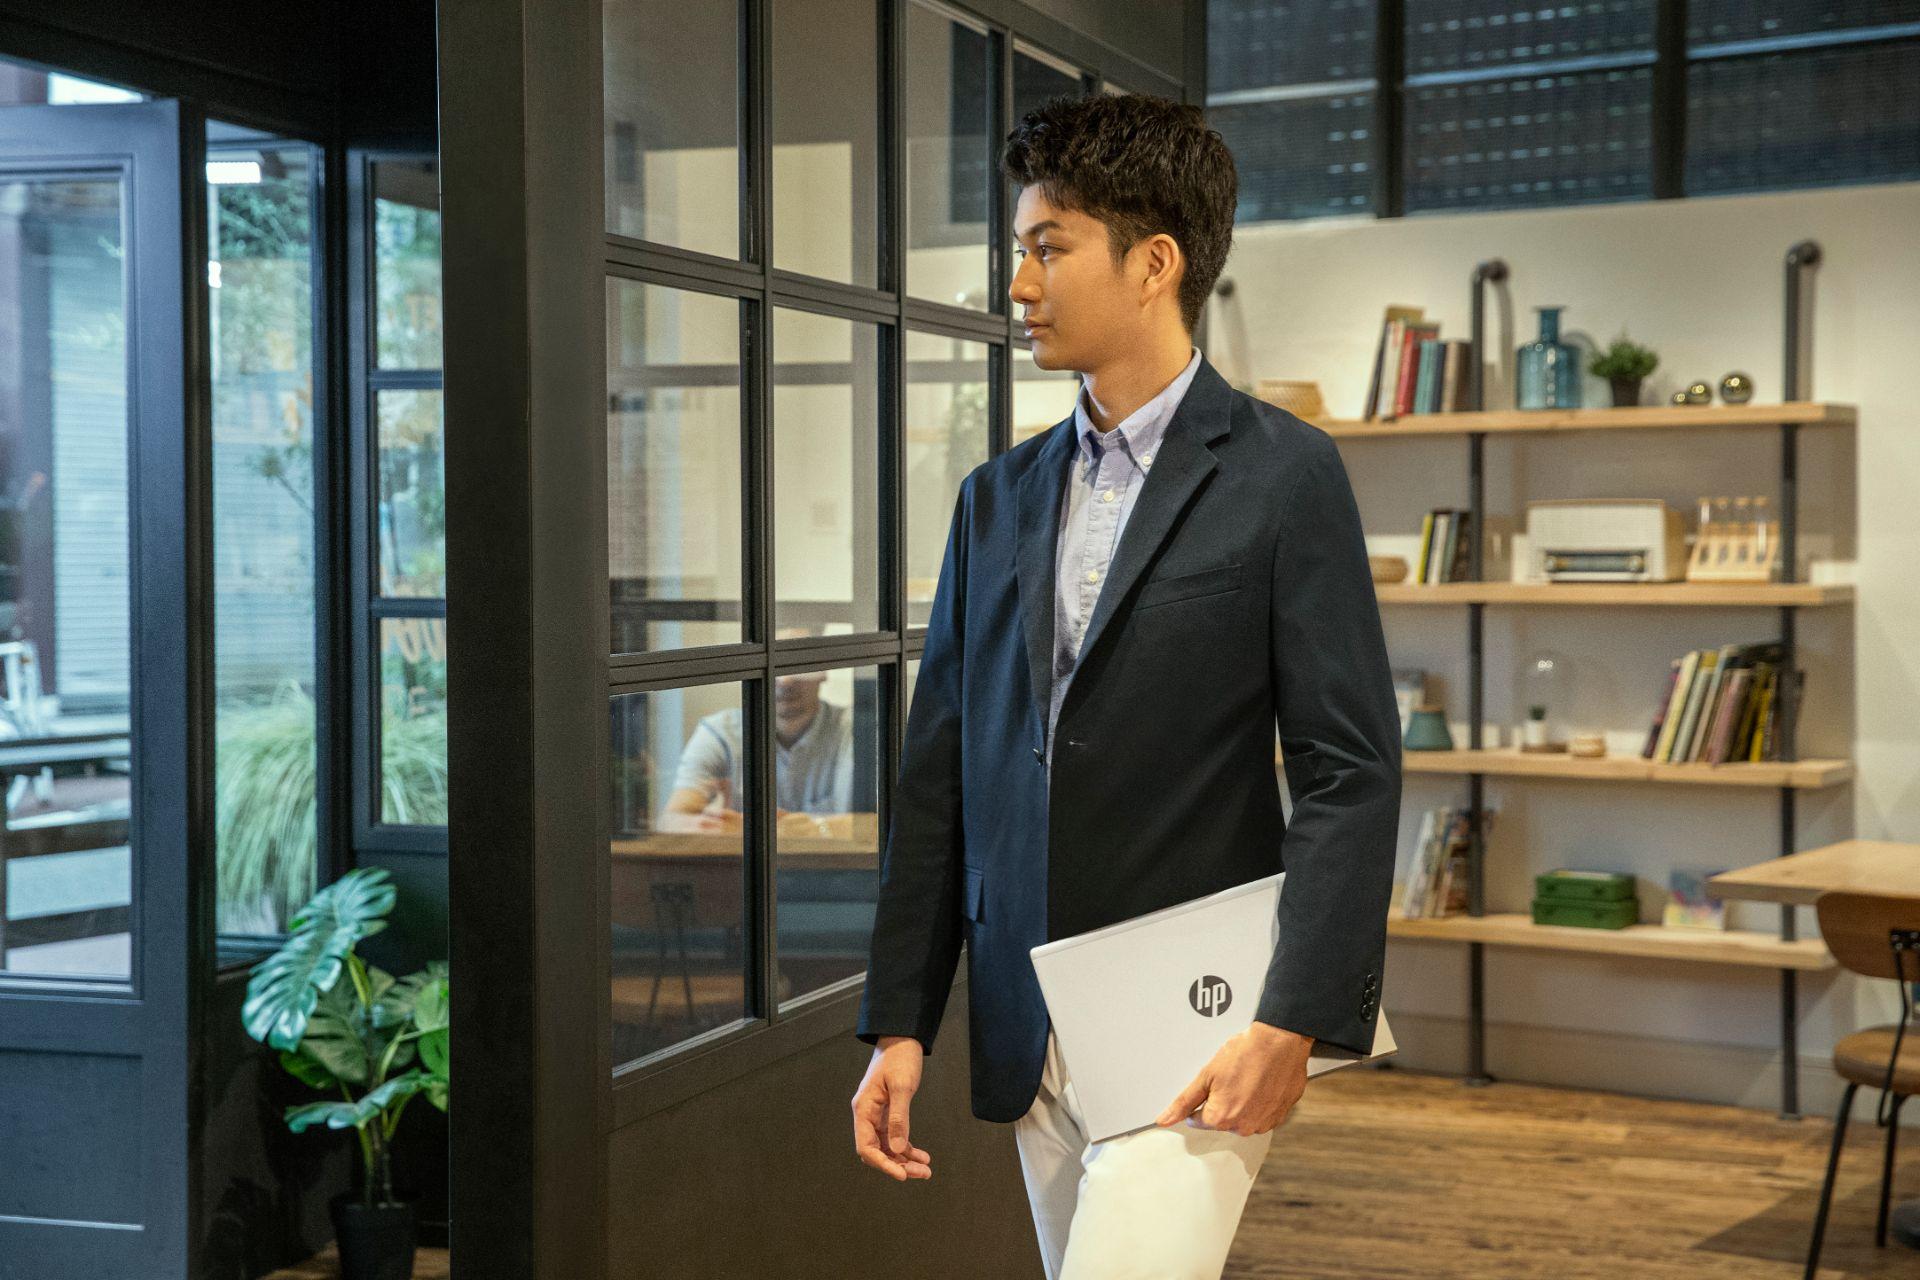 HP ProBook 635 Aero G7 - den lette løsning